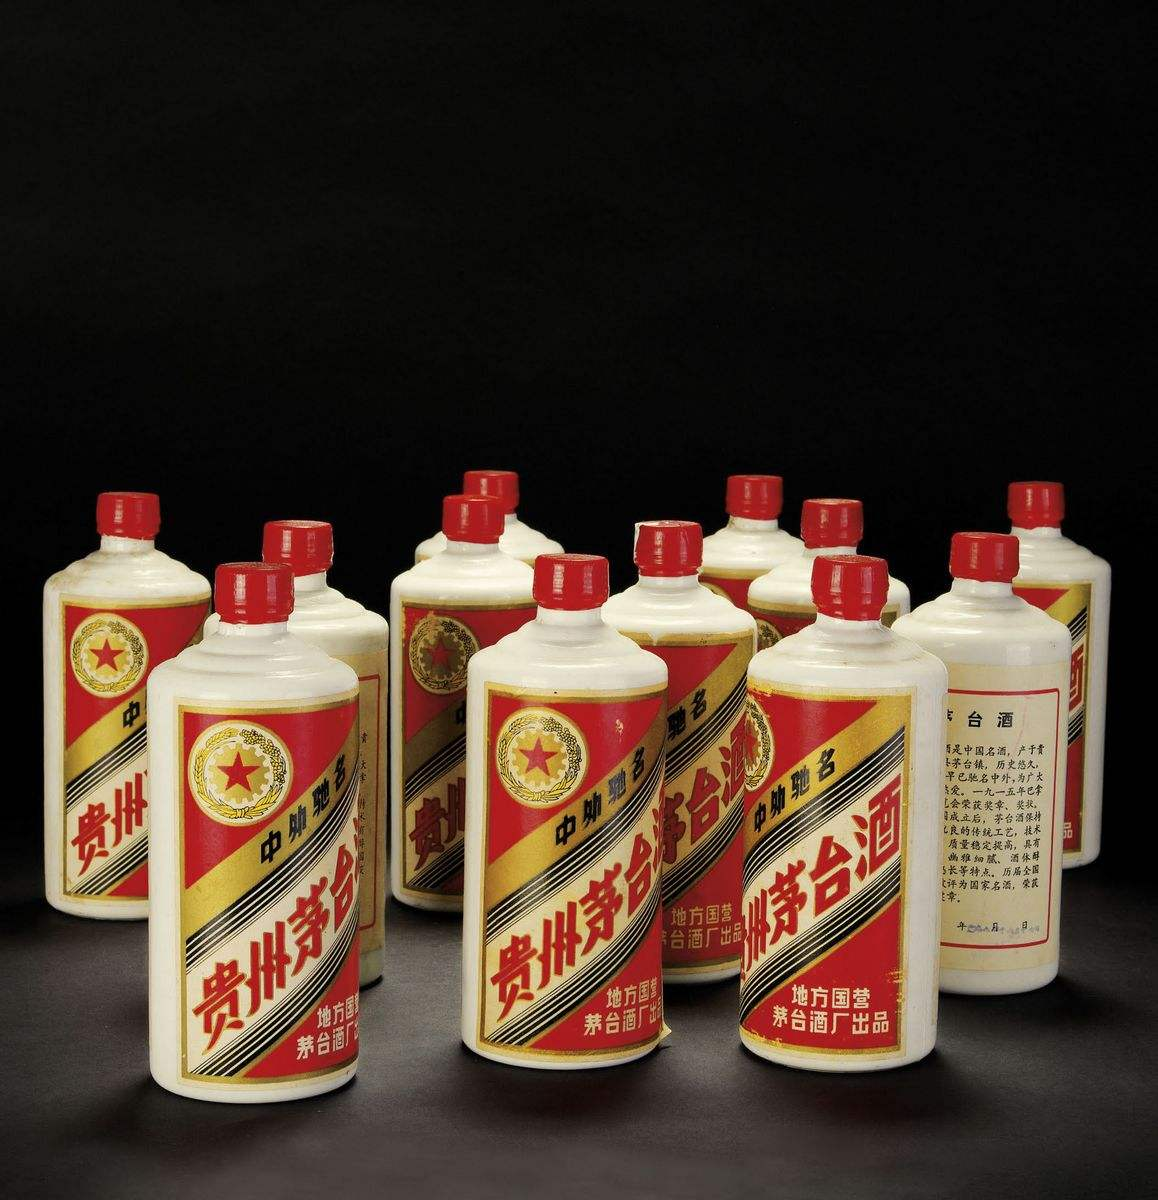 (海口回收茅台酒空瓶子一览表一览)